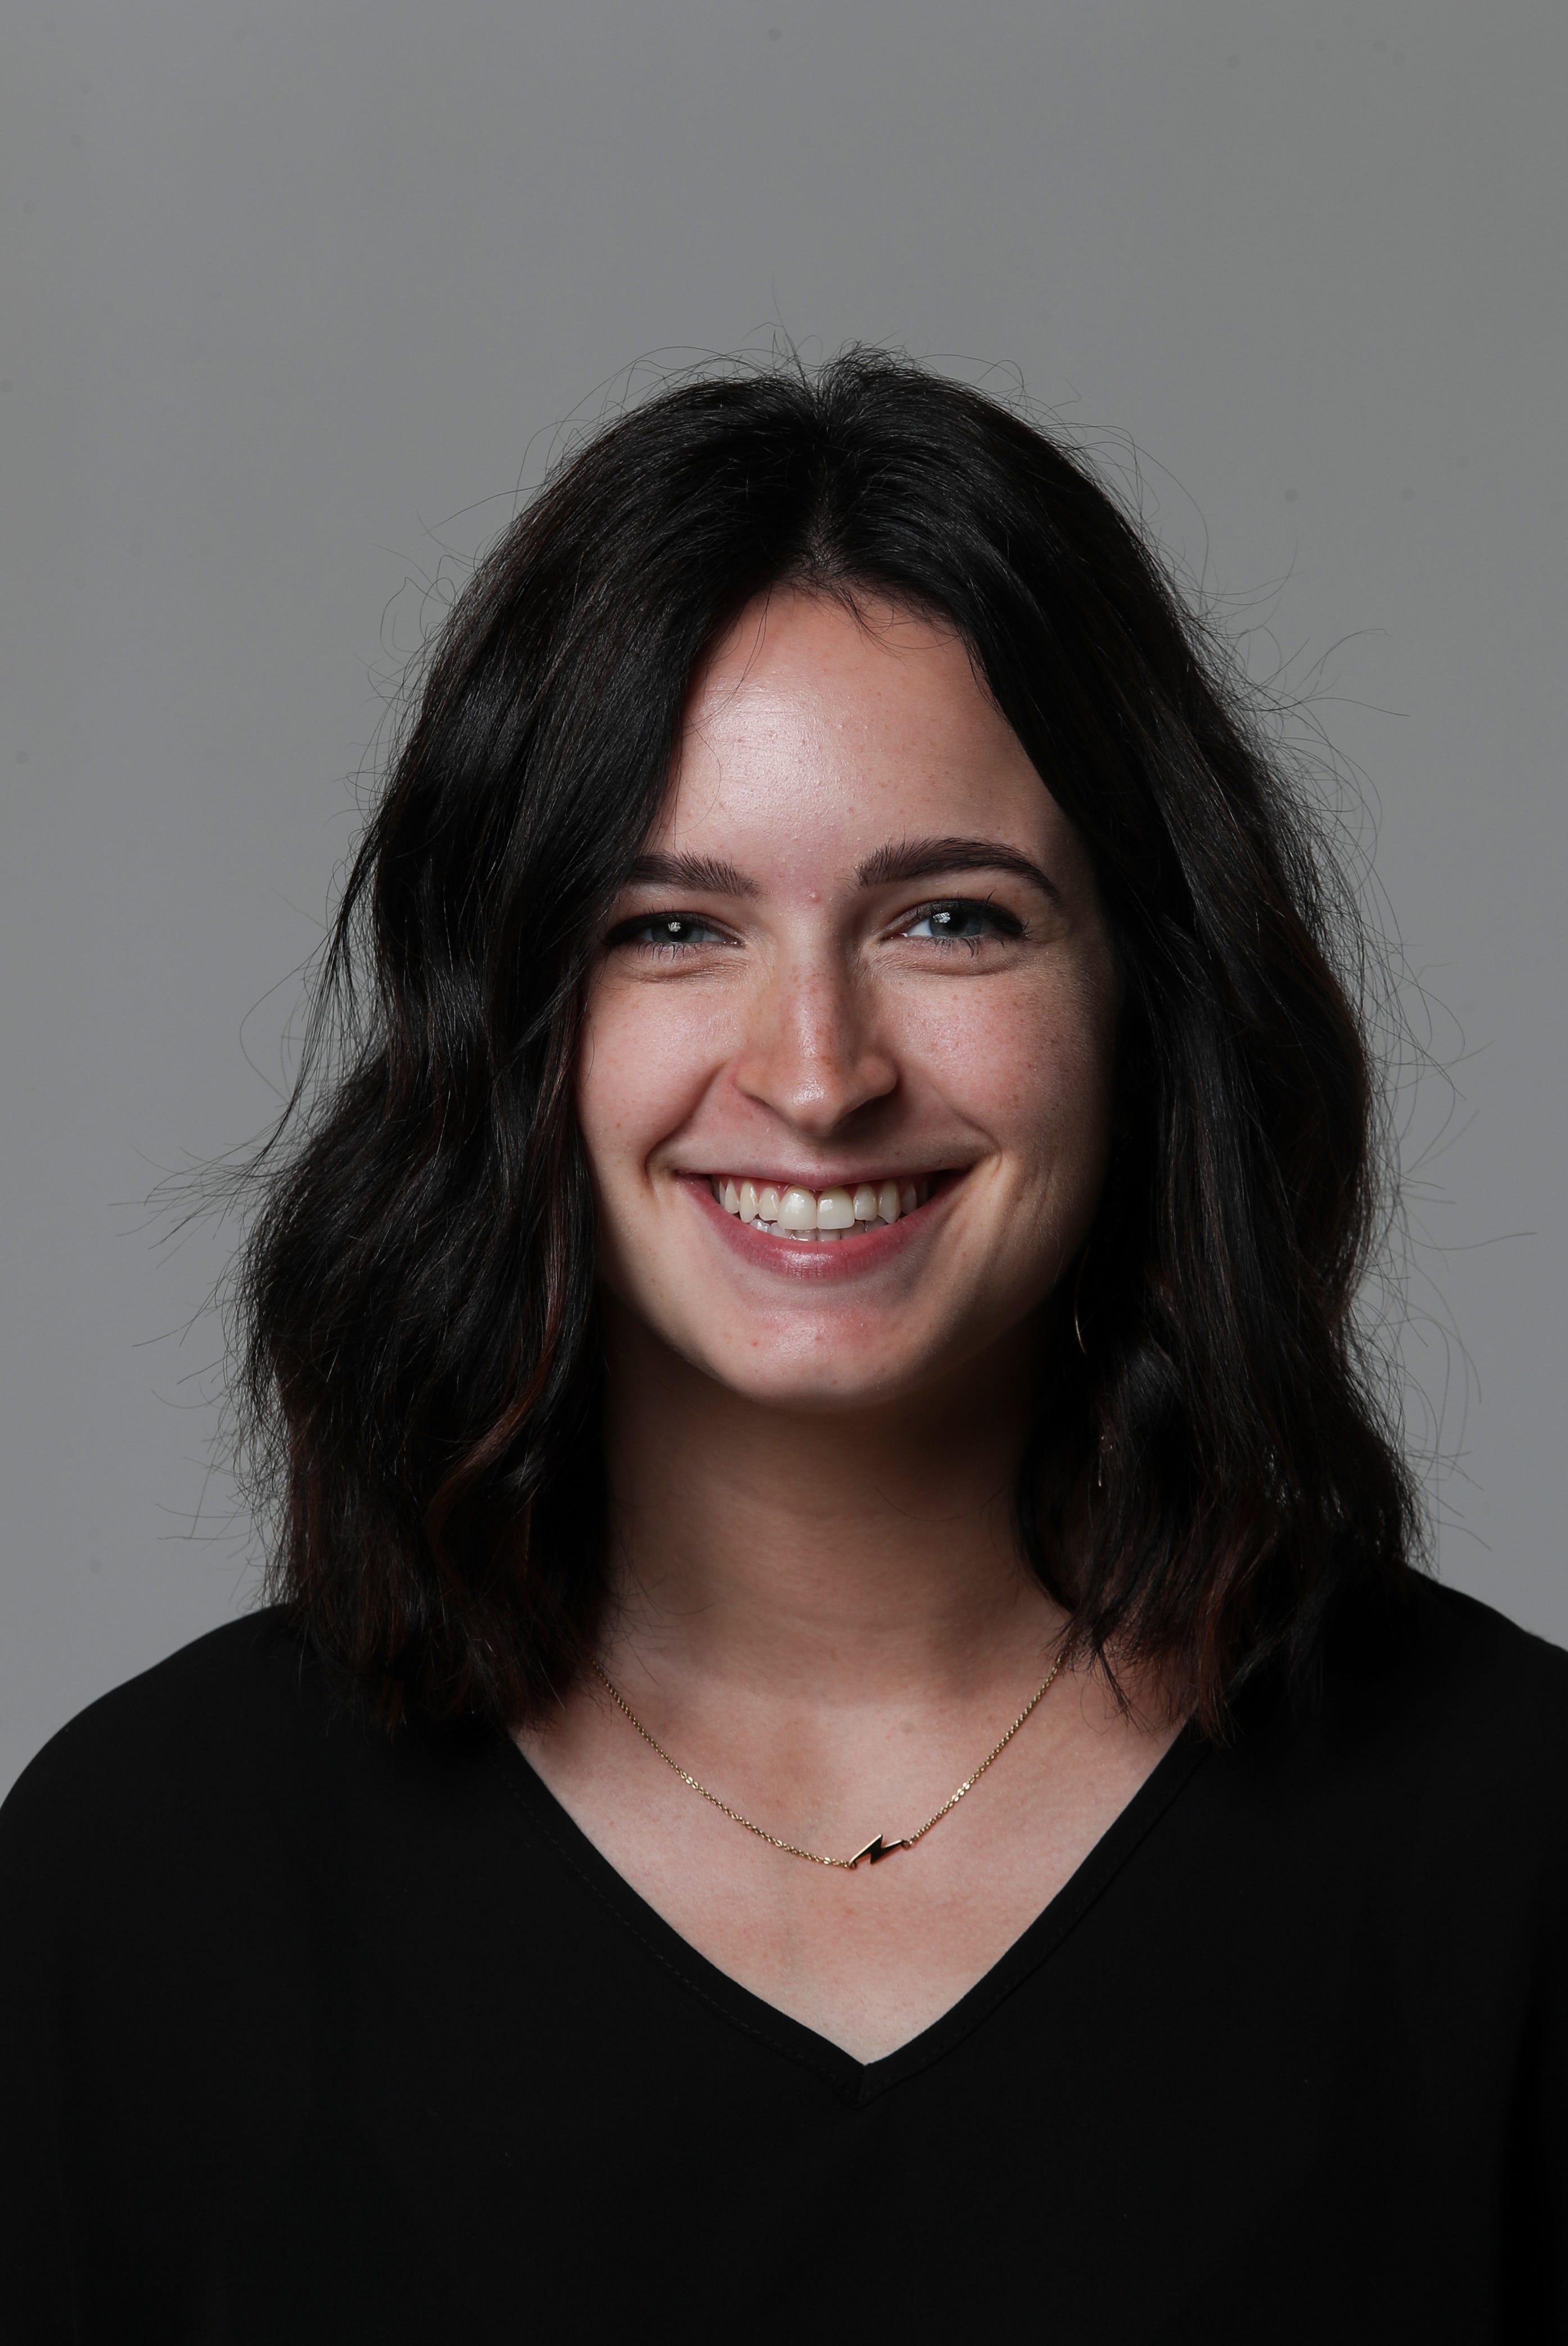 Olivia Krauth